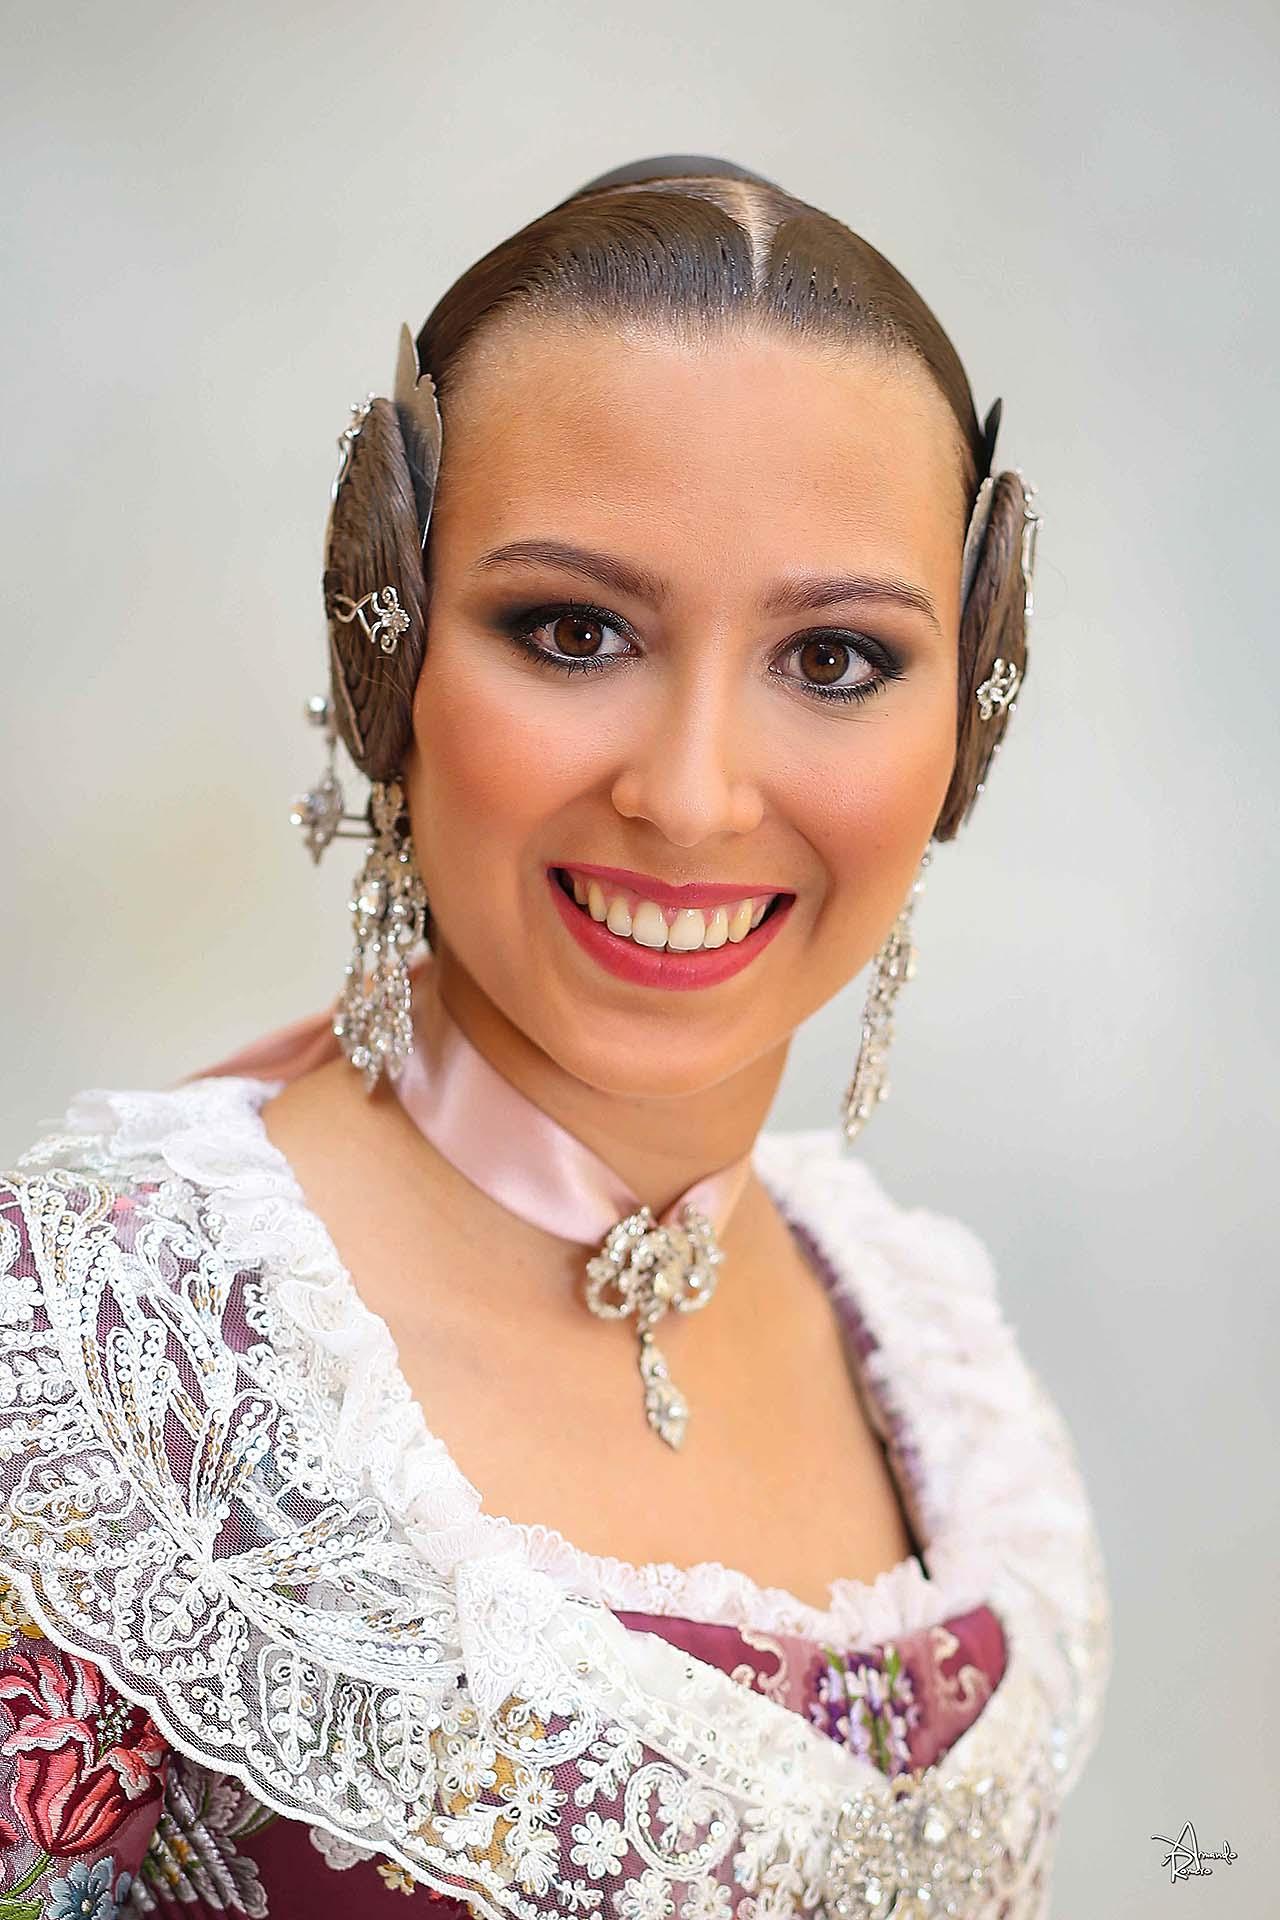 Marta Alacreu Ruiz